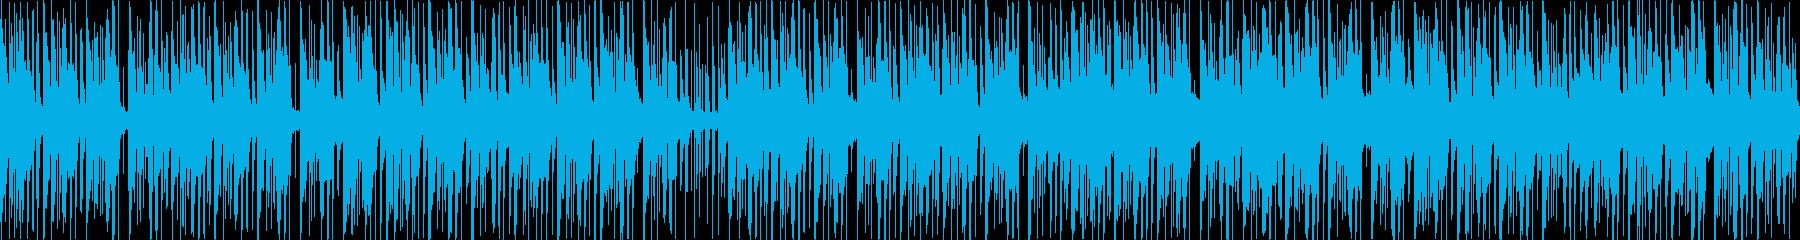 三味線と琴の明るいウキウキする和風BGMの再生済みの波形